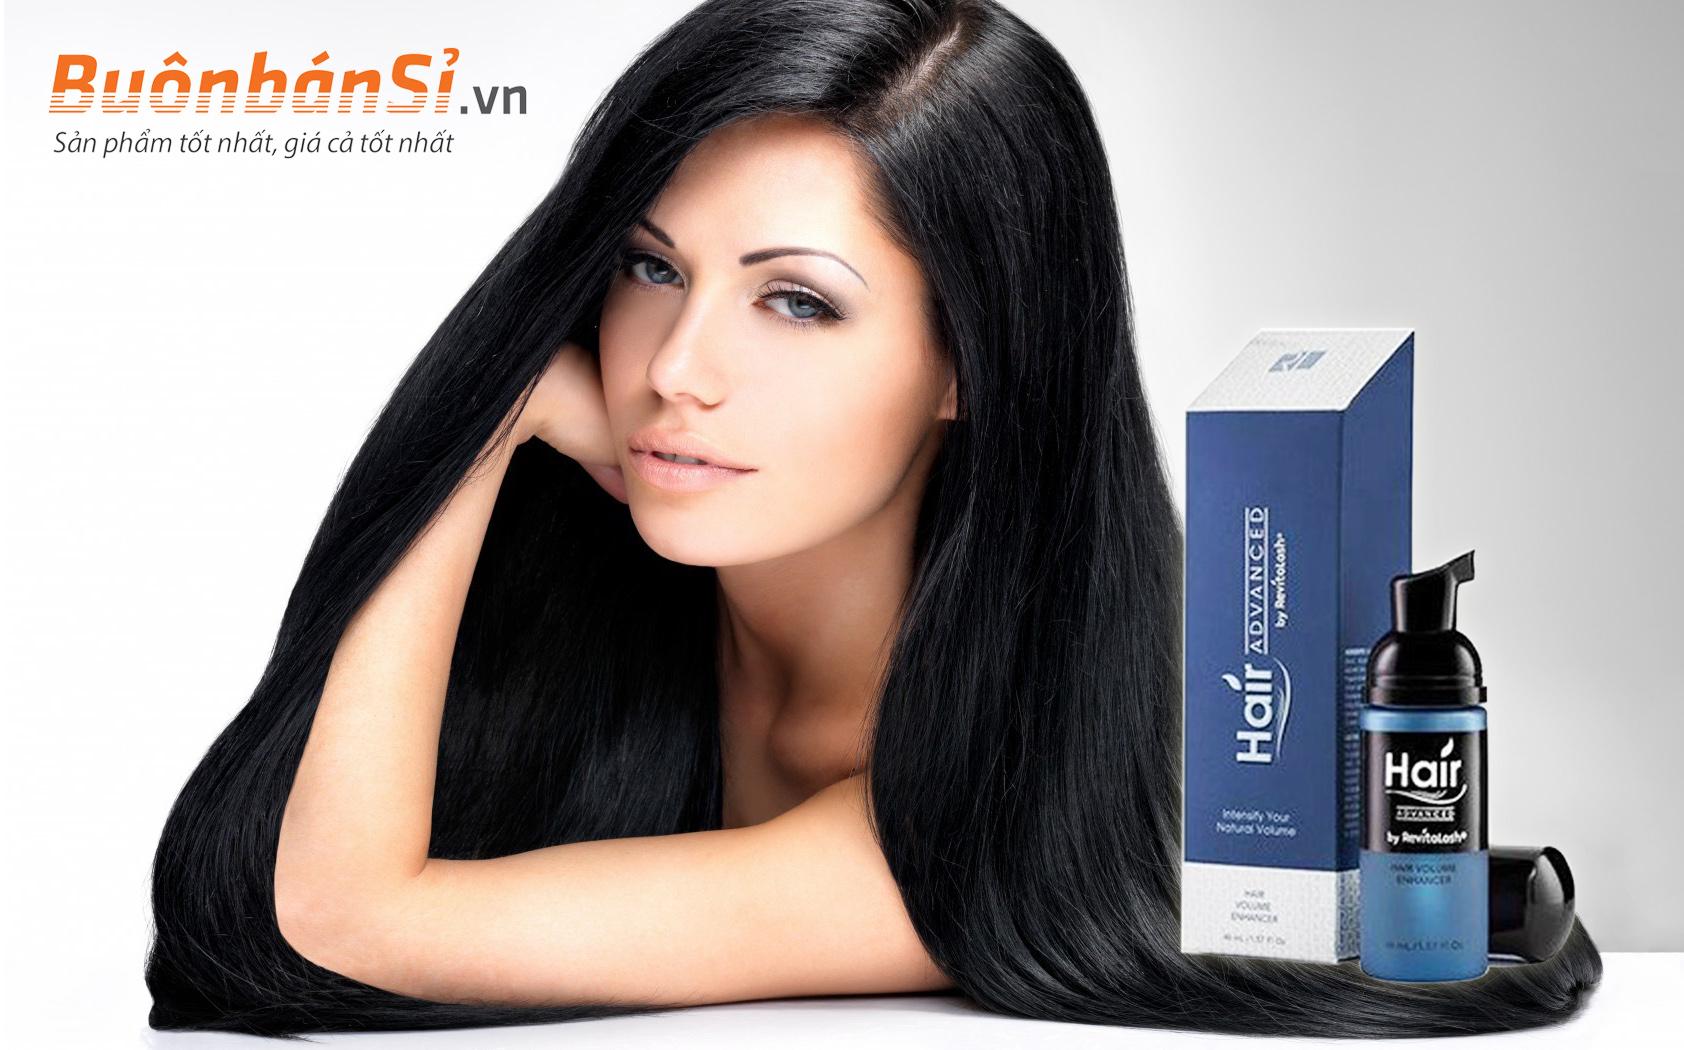 Serum mọc tóc Hair Advanced By Revitalash giúp bạn hết lo lắng về tóc